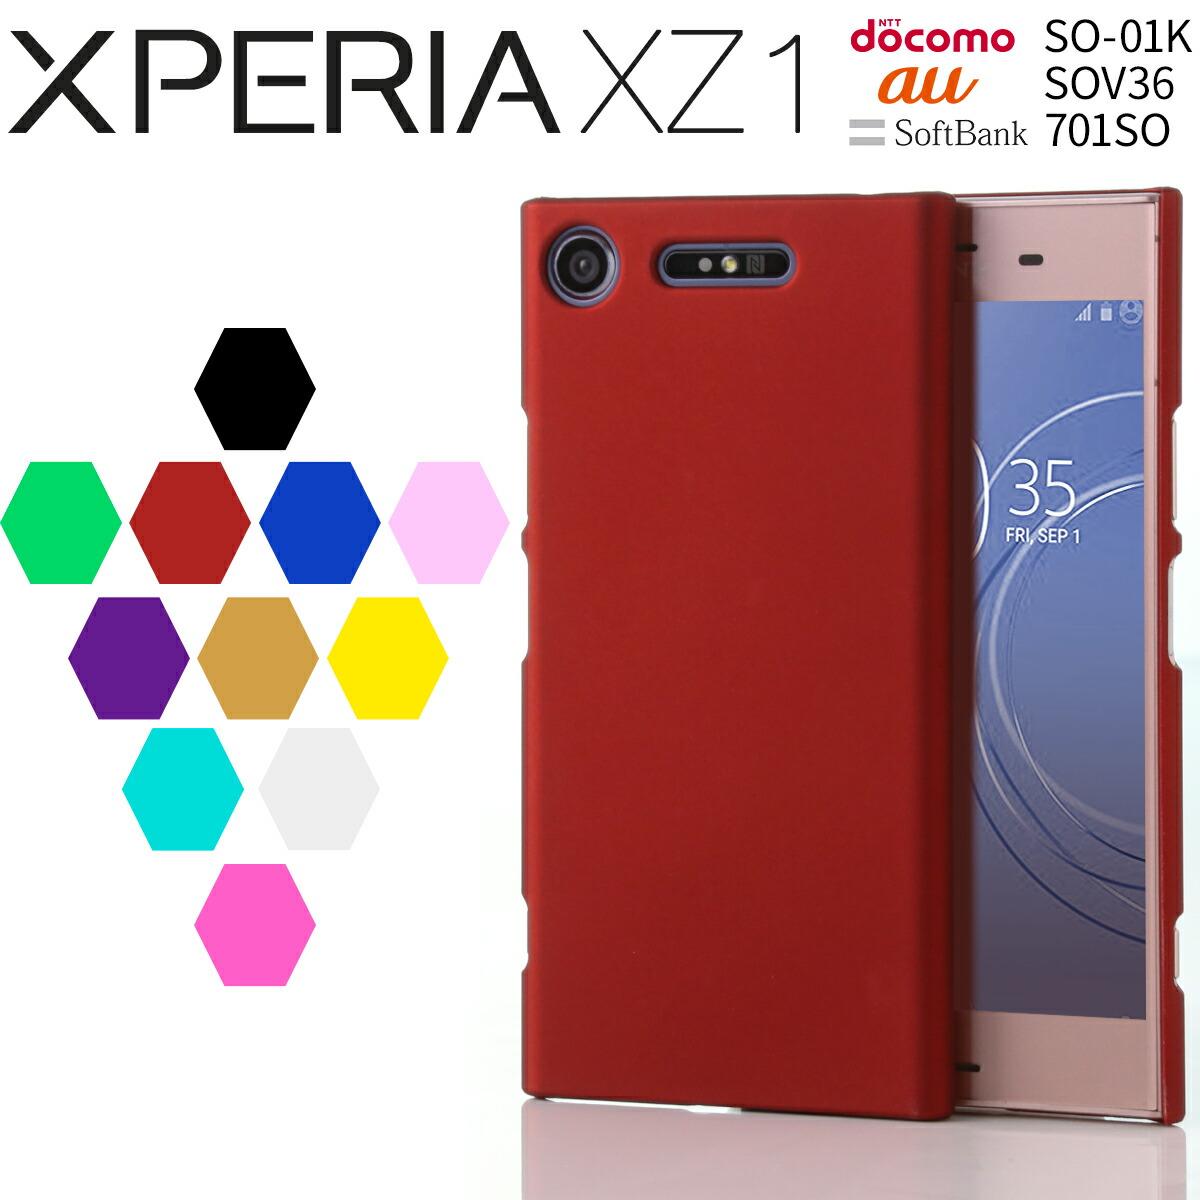 メール便送料無料 カラフルカラーハードケース Xperia XZ1 SO-01K SOV36 スマホケース 韓国 701SO スマホ ケース カバー エクスペリア 携帯ケース スマートフォンケース xz1 ハードケース スマフォケース android カラフル (人気激安) ハード おしゃれ スマホカバー 物品 無地 xperia 人気